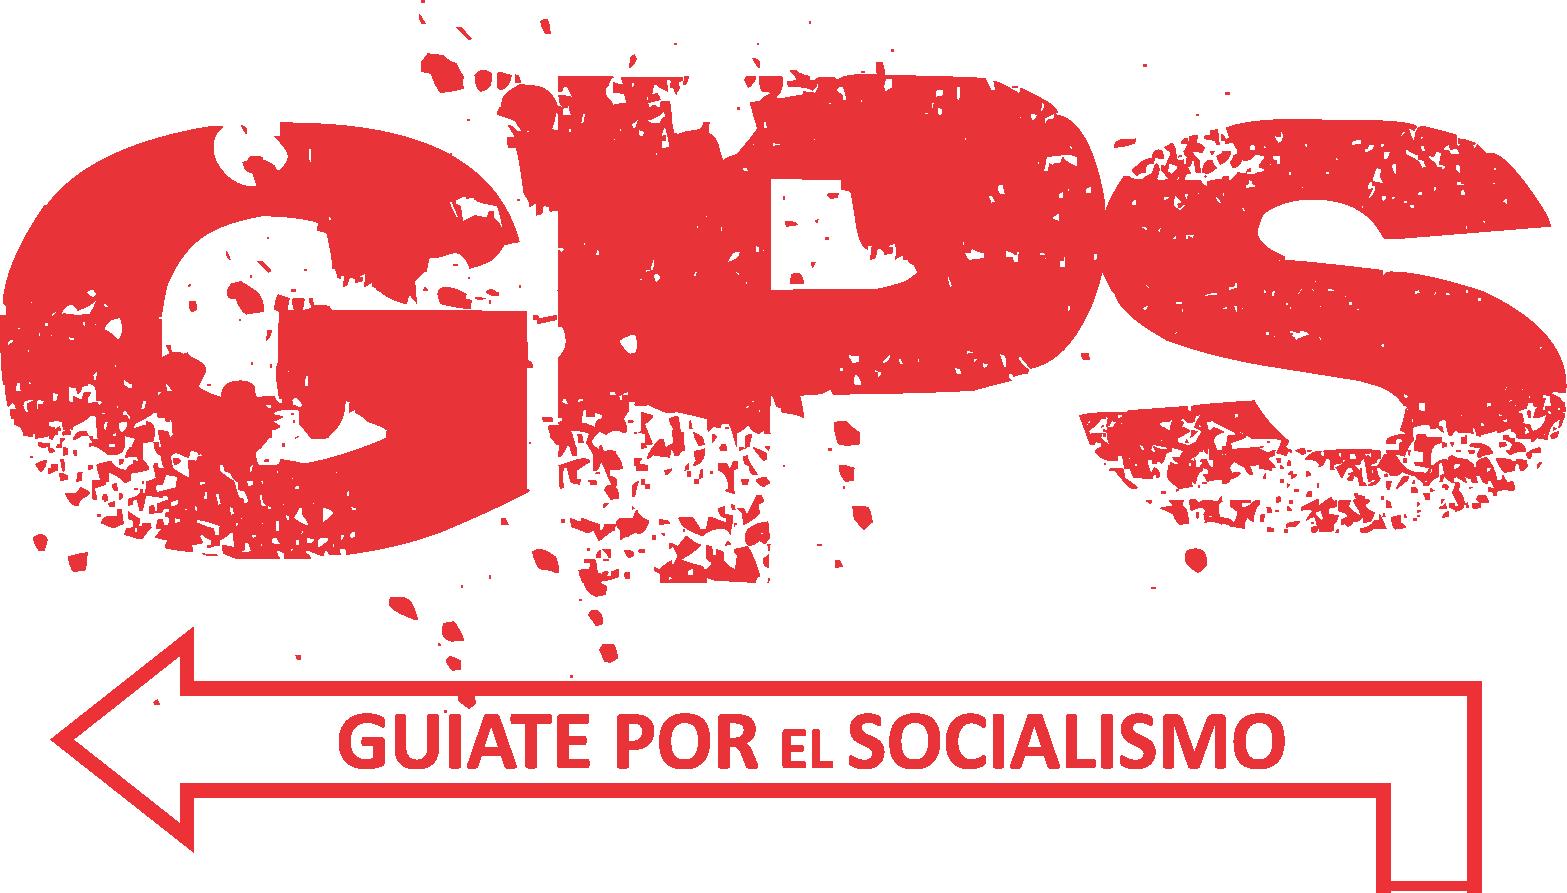 Guíate Por el Socialismo